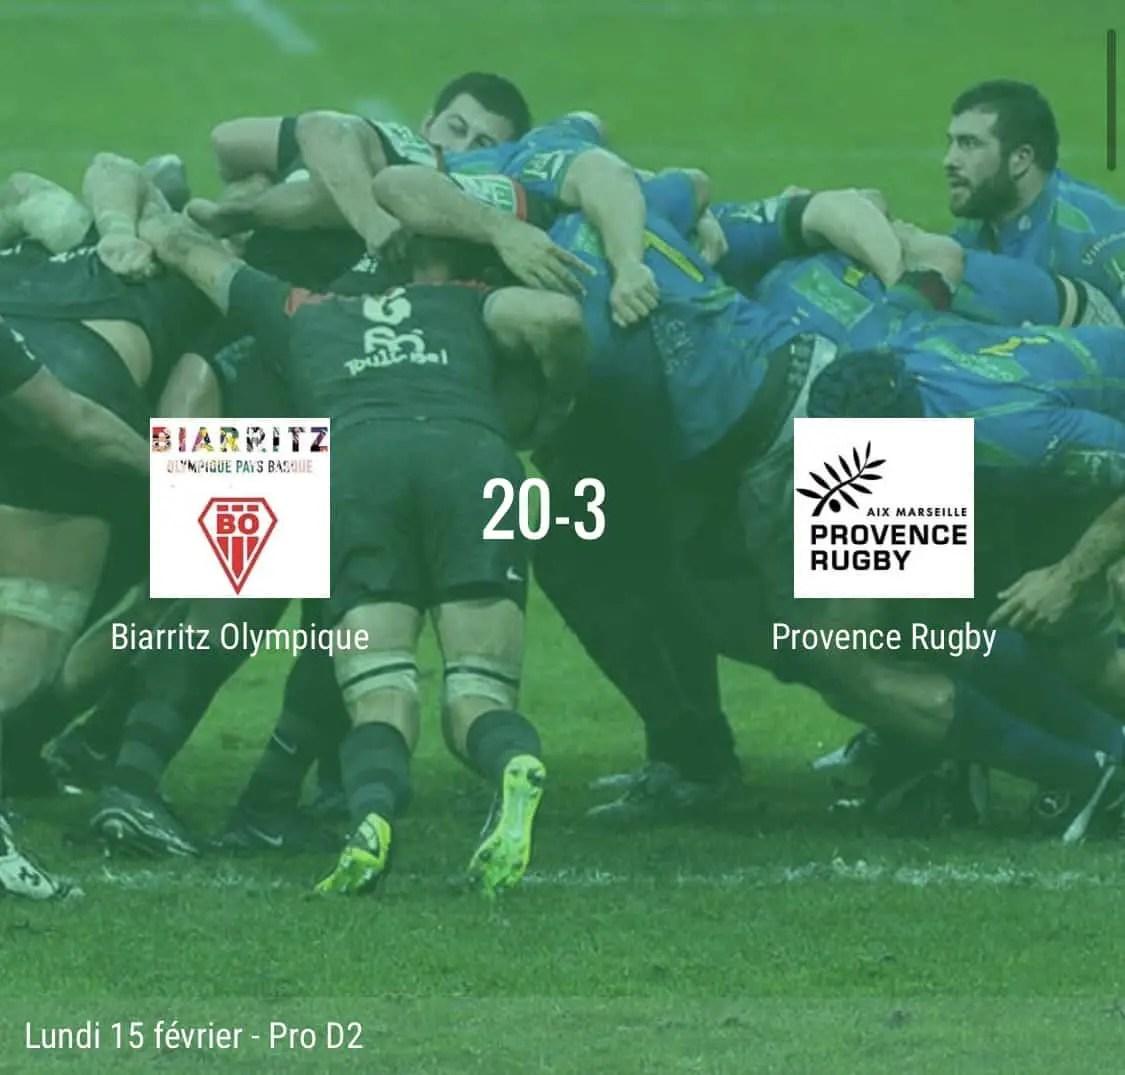 Rugby pro d2 : Biarritz – Provence rugby : le score à la mi-temps